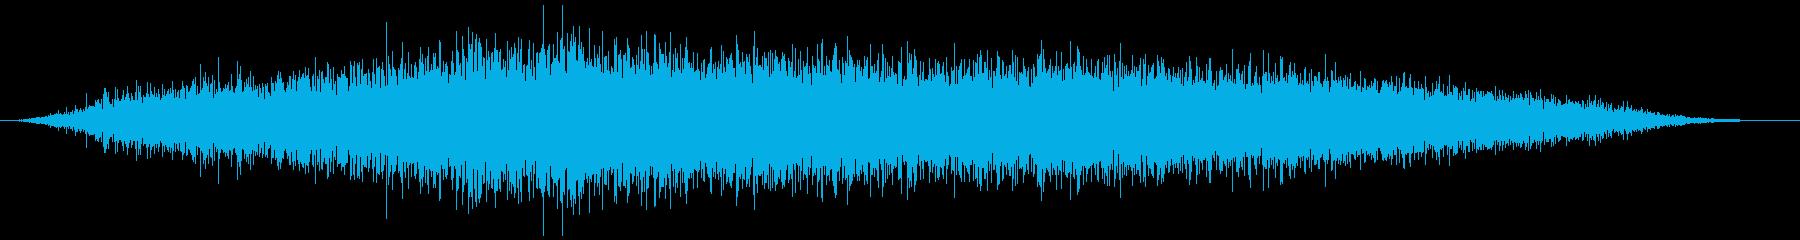 引き出し、ふすま(静かに開閉)ズススーッの再生済みの波形